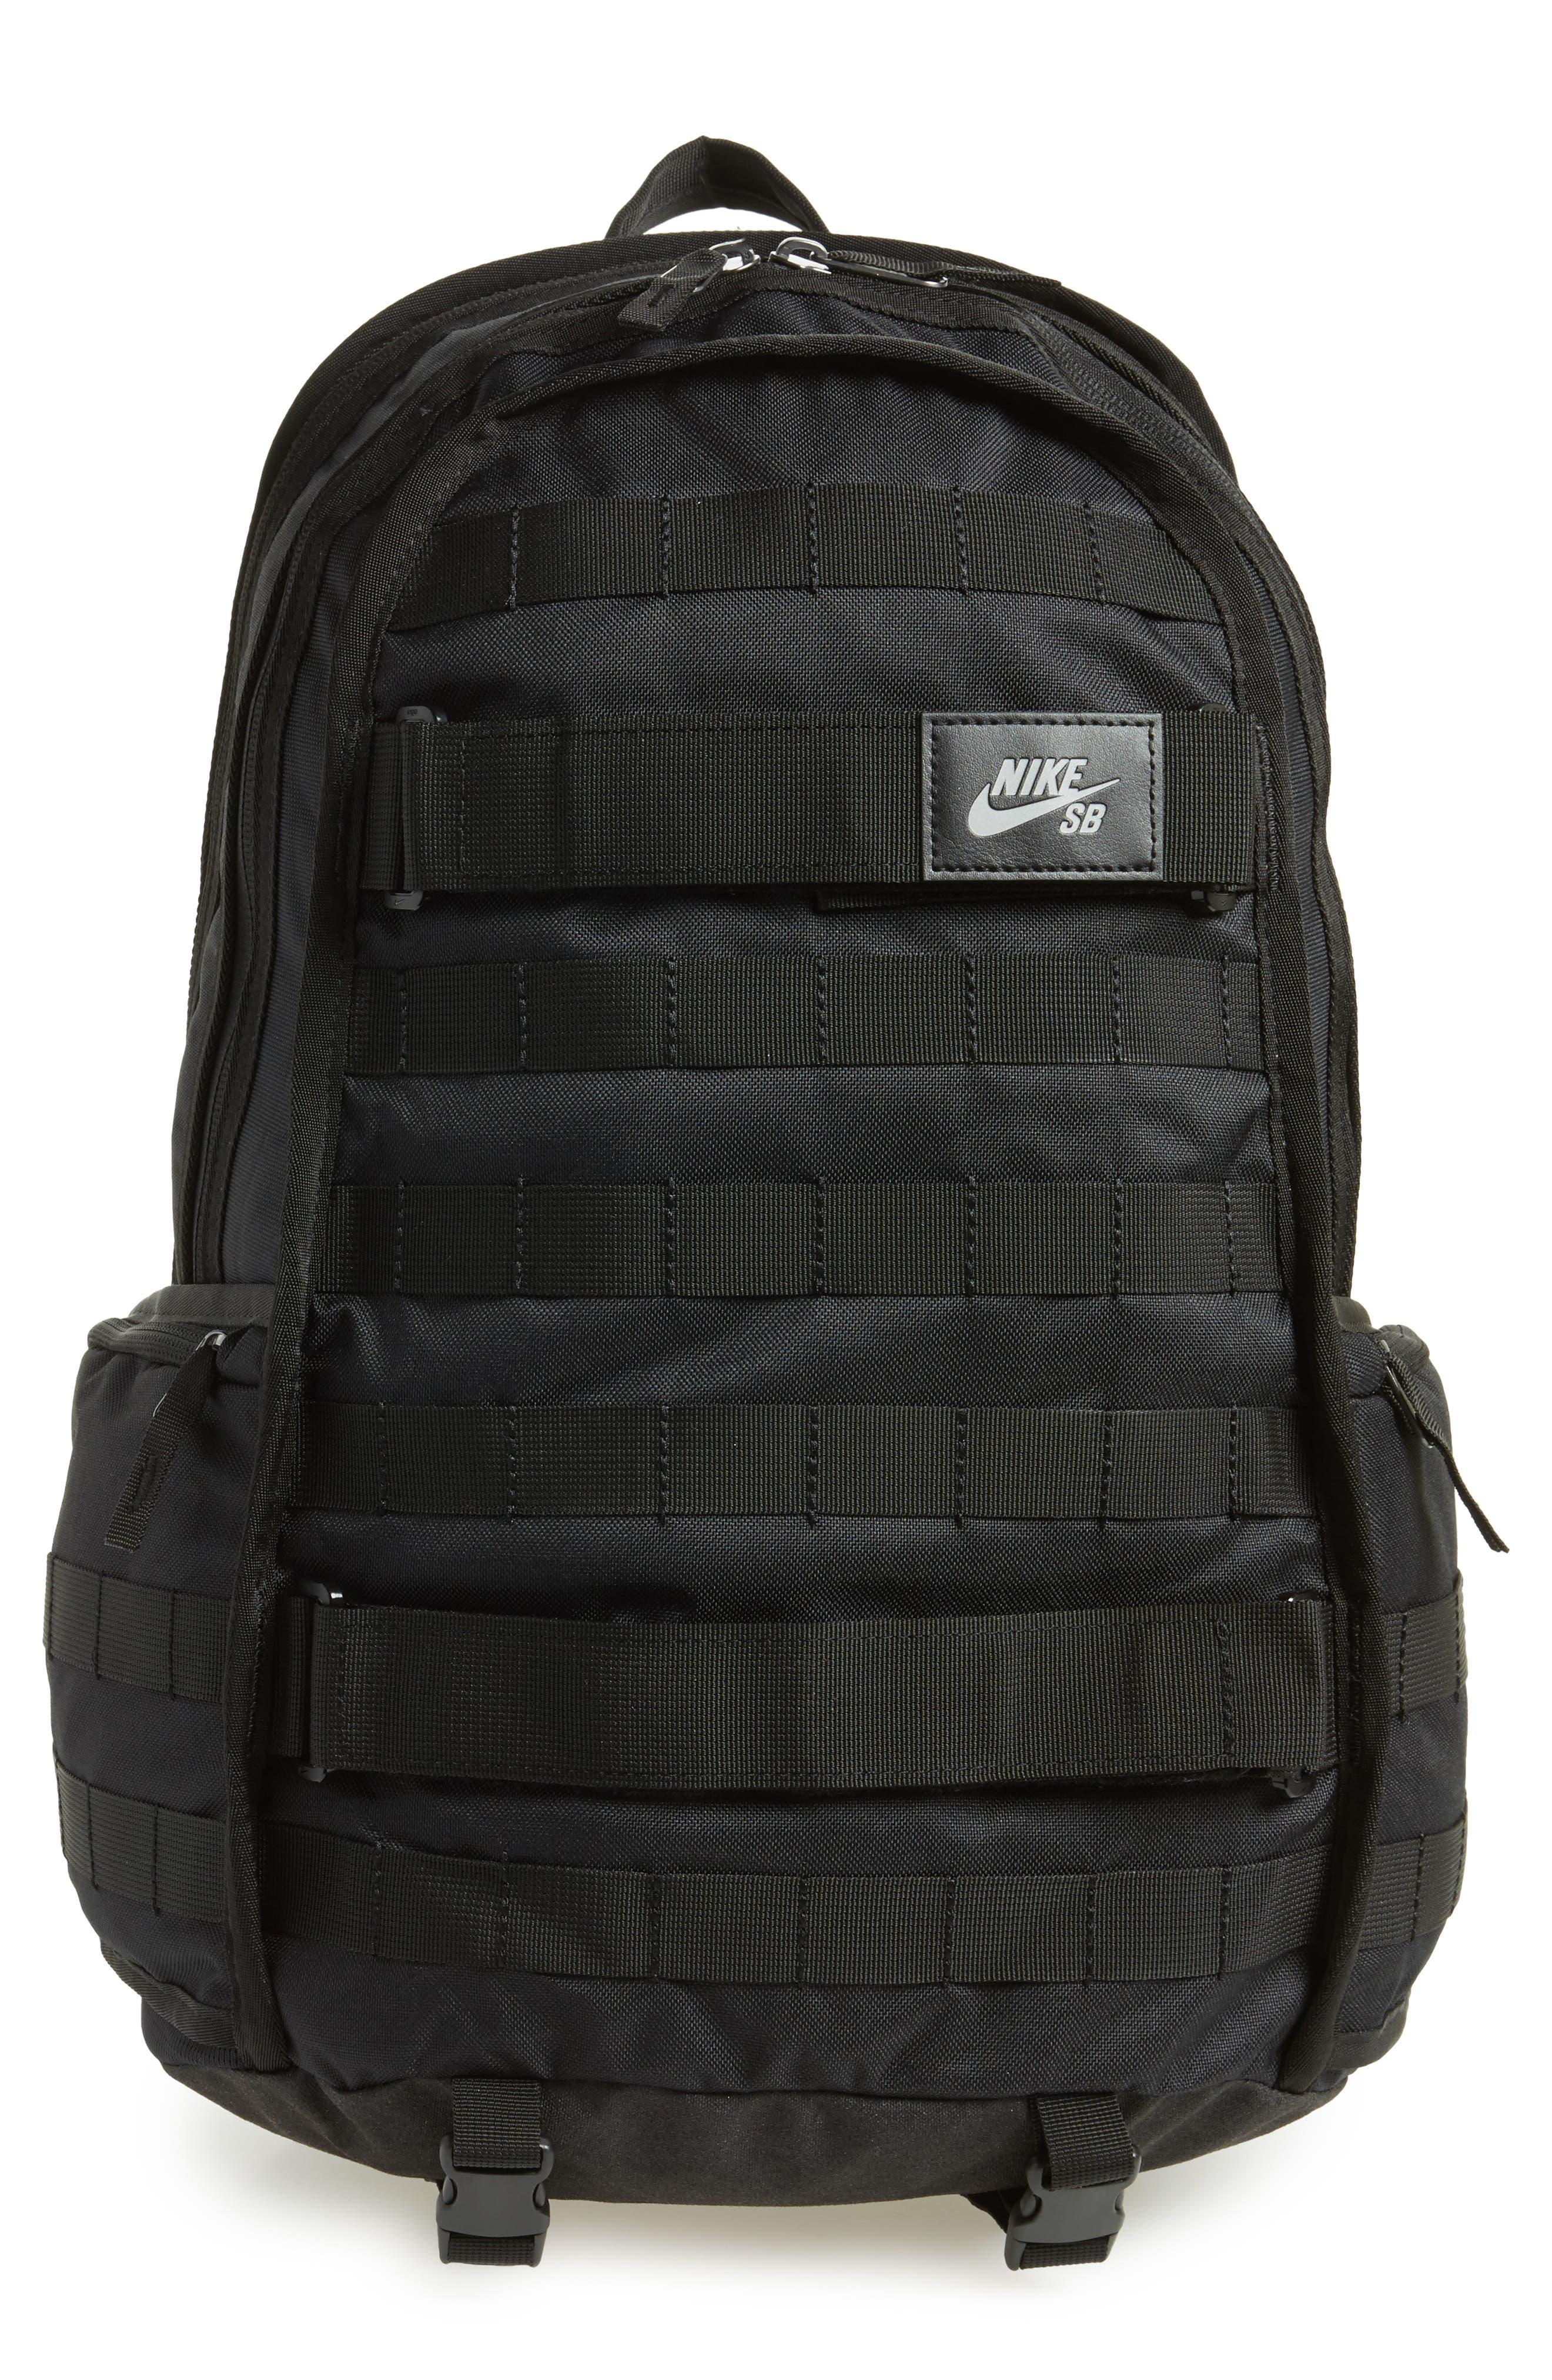 RPM Backpack,                             Main thumbnail 1, color,                             BLACK/ BLACK/ BLACK